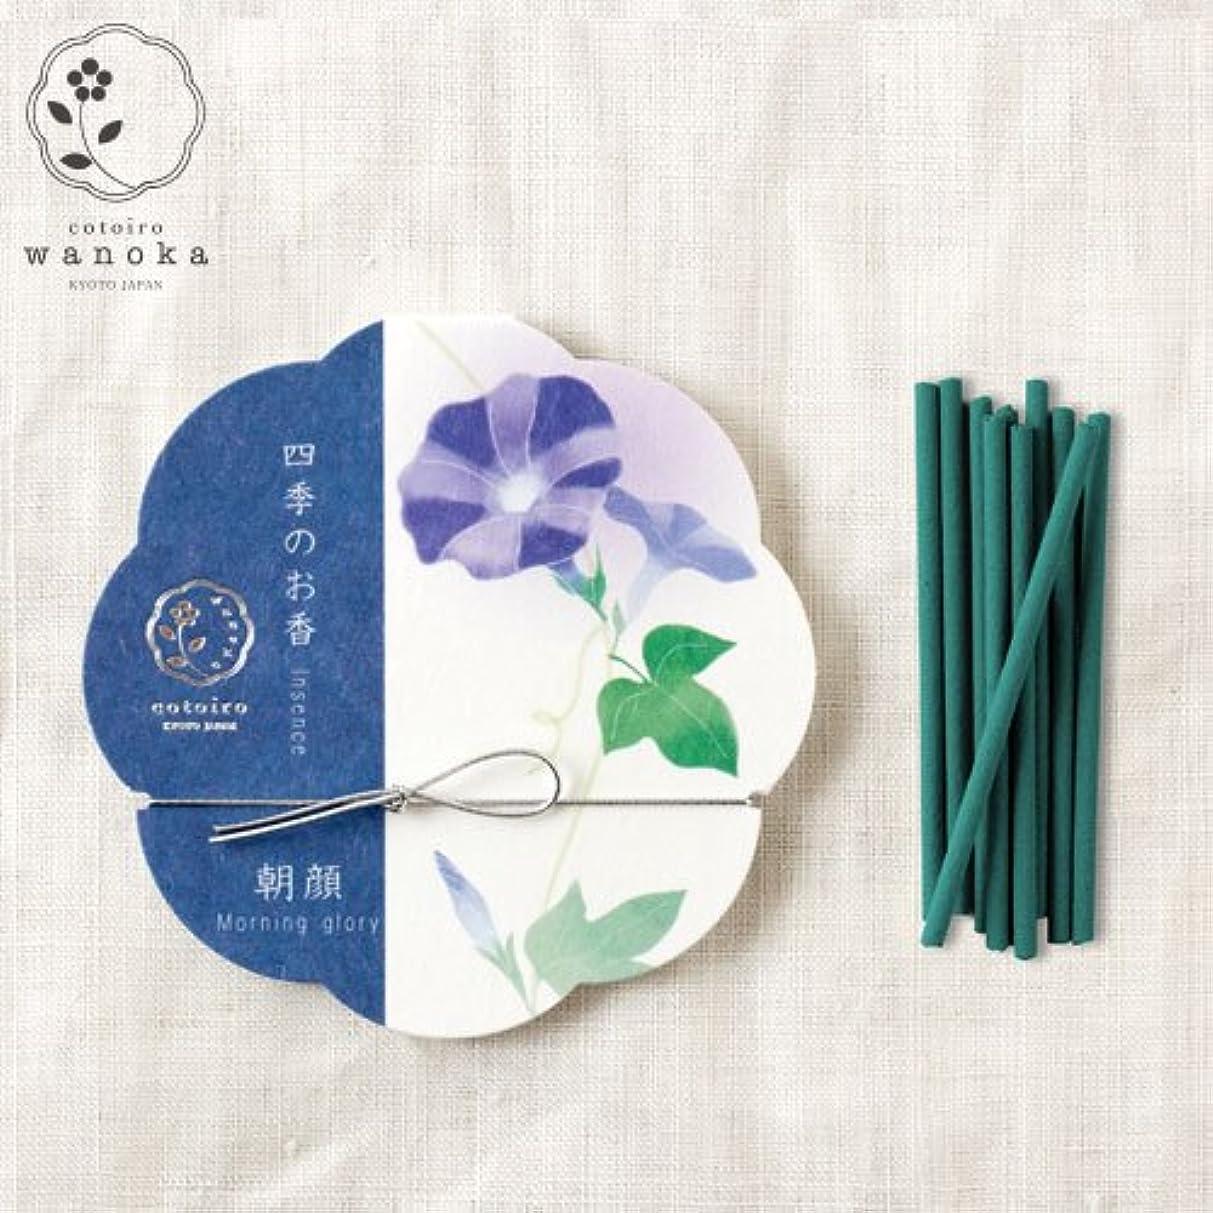 タービンアサーホイットニーwanoka四季のお香(インセンス)朝顔《涼しげな朝顔をイメージした香り》ART LABIncense stick